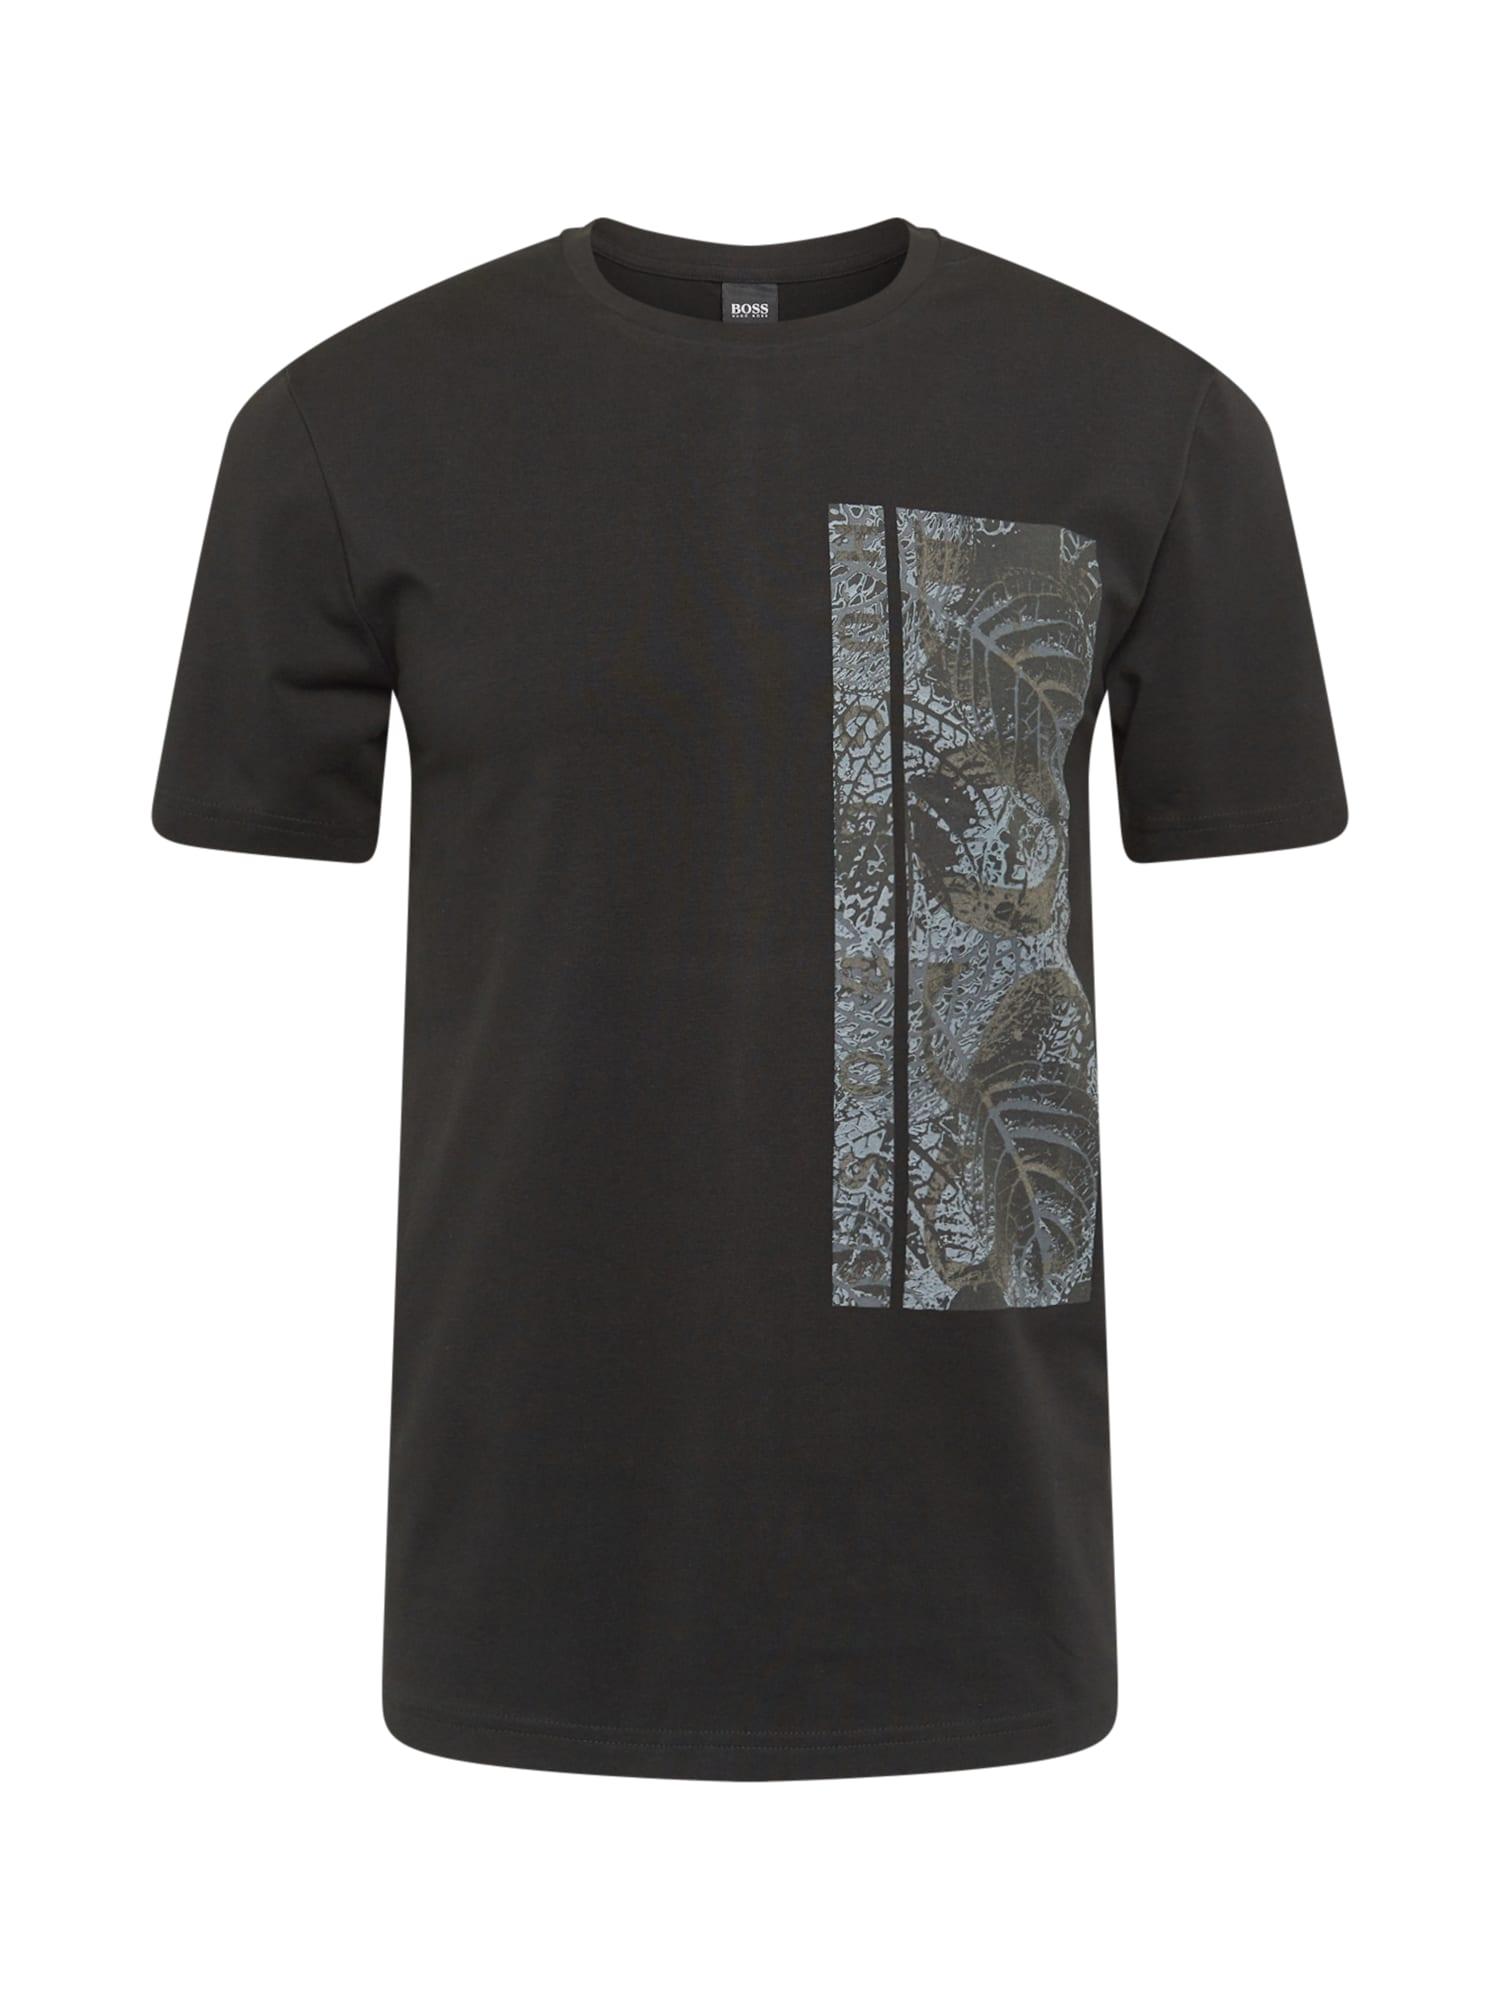 BOSS ATHLEISURE Marškinėliai juoda / rausvai pilka / margai pilka